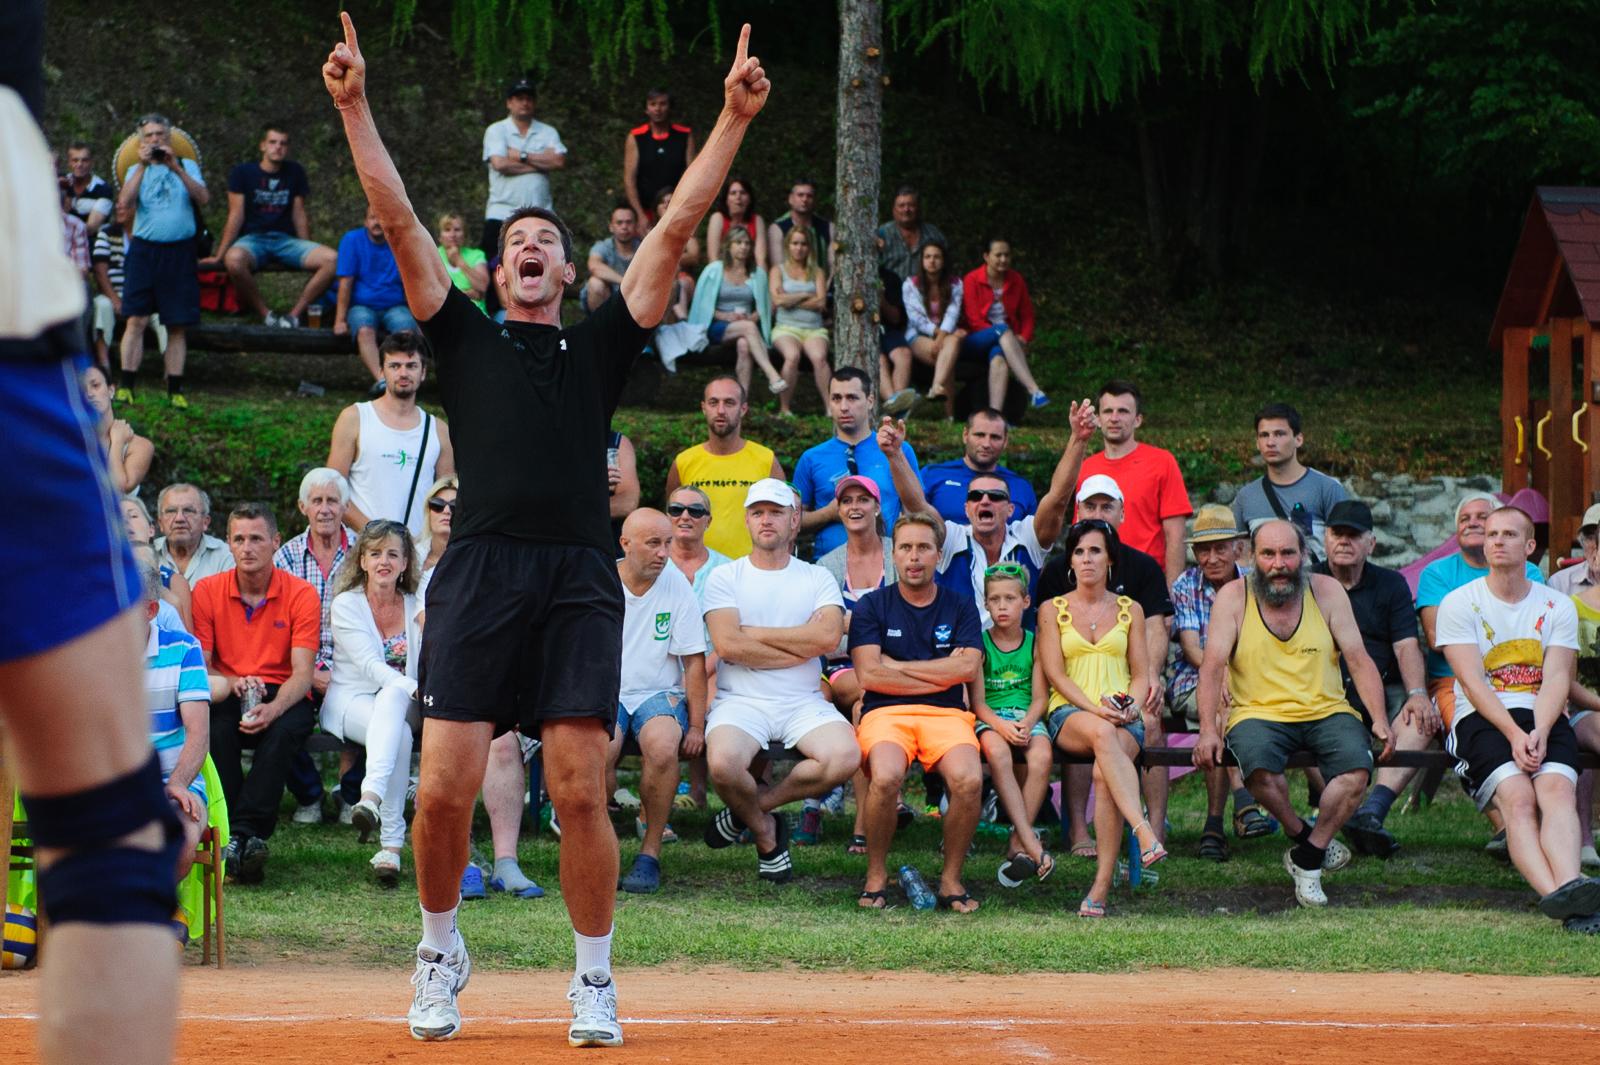 Gabriel Chochoľák sa raduje po zisku bodu vo volejbalovom zápase počas najstaršieho volejbalového turnaja na Slovensku, 18.07.2015, Moštenica, Bratislava